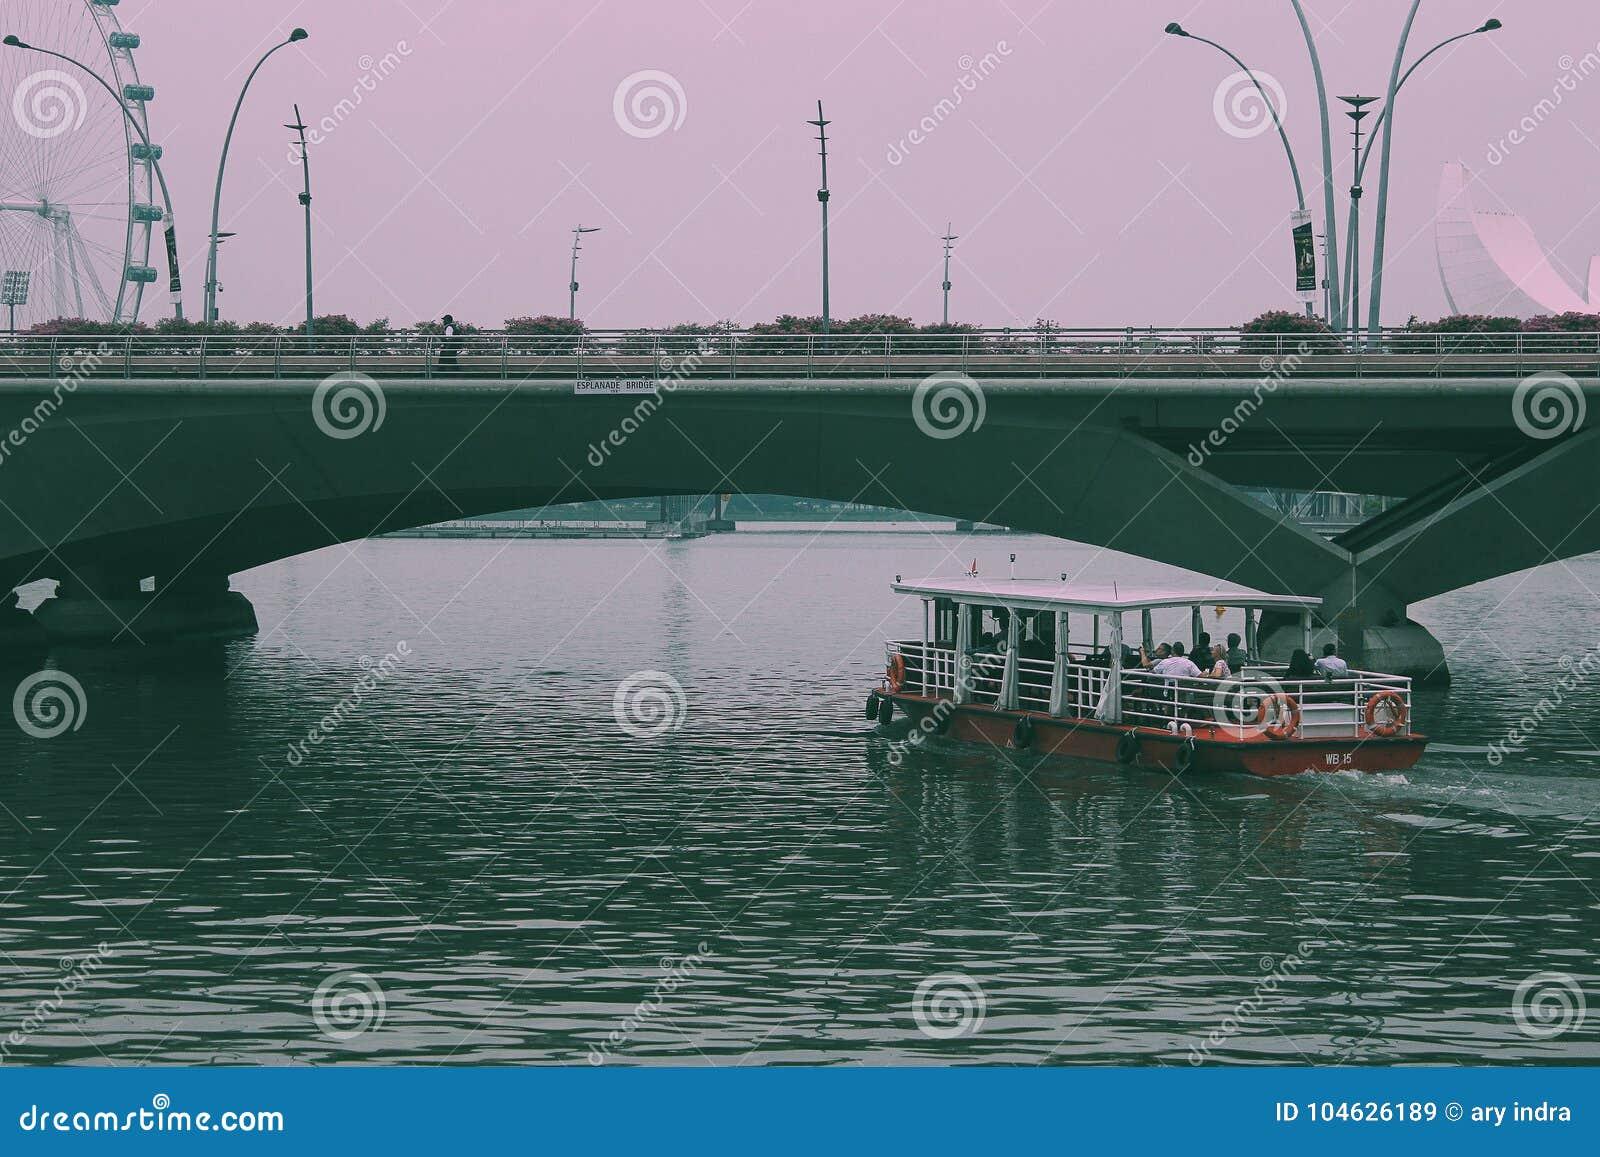 Download Mirakel van Singapore redactionele stock afbeelding. Afbeelding bestaande uit waterweg - 104626189